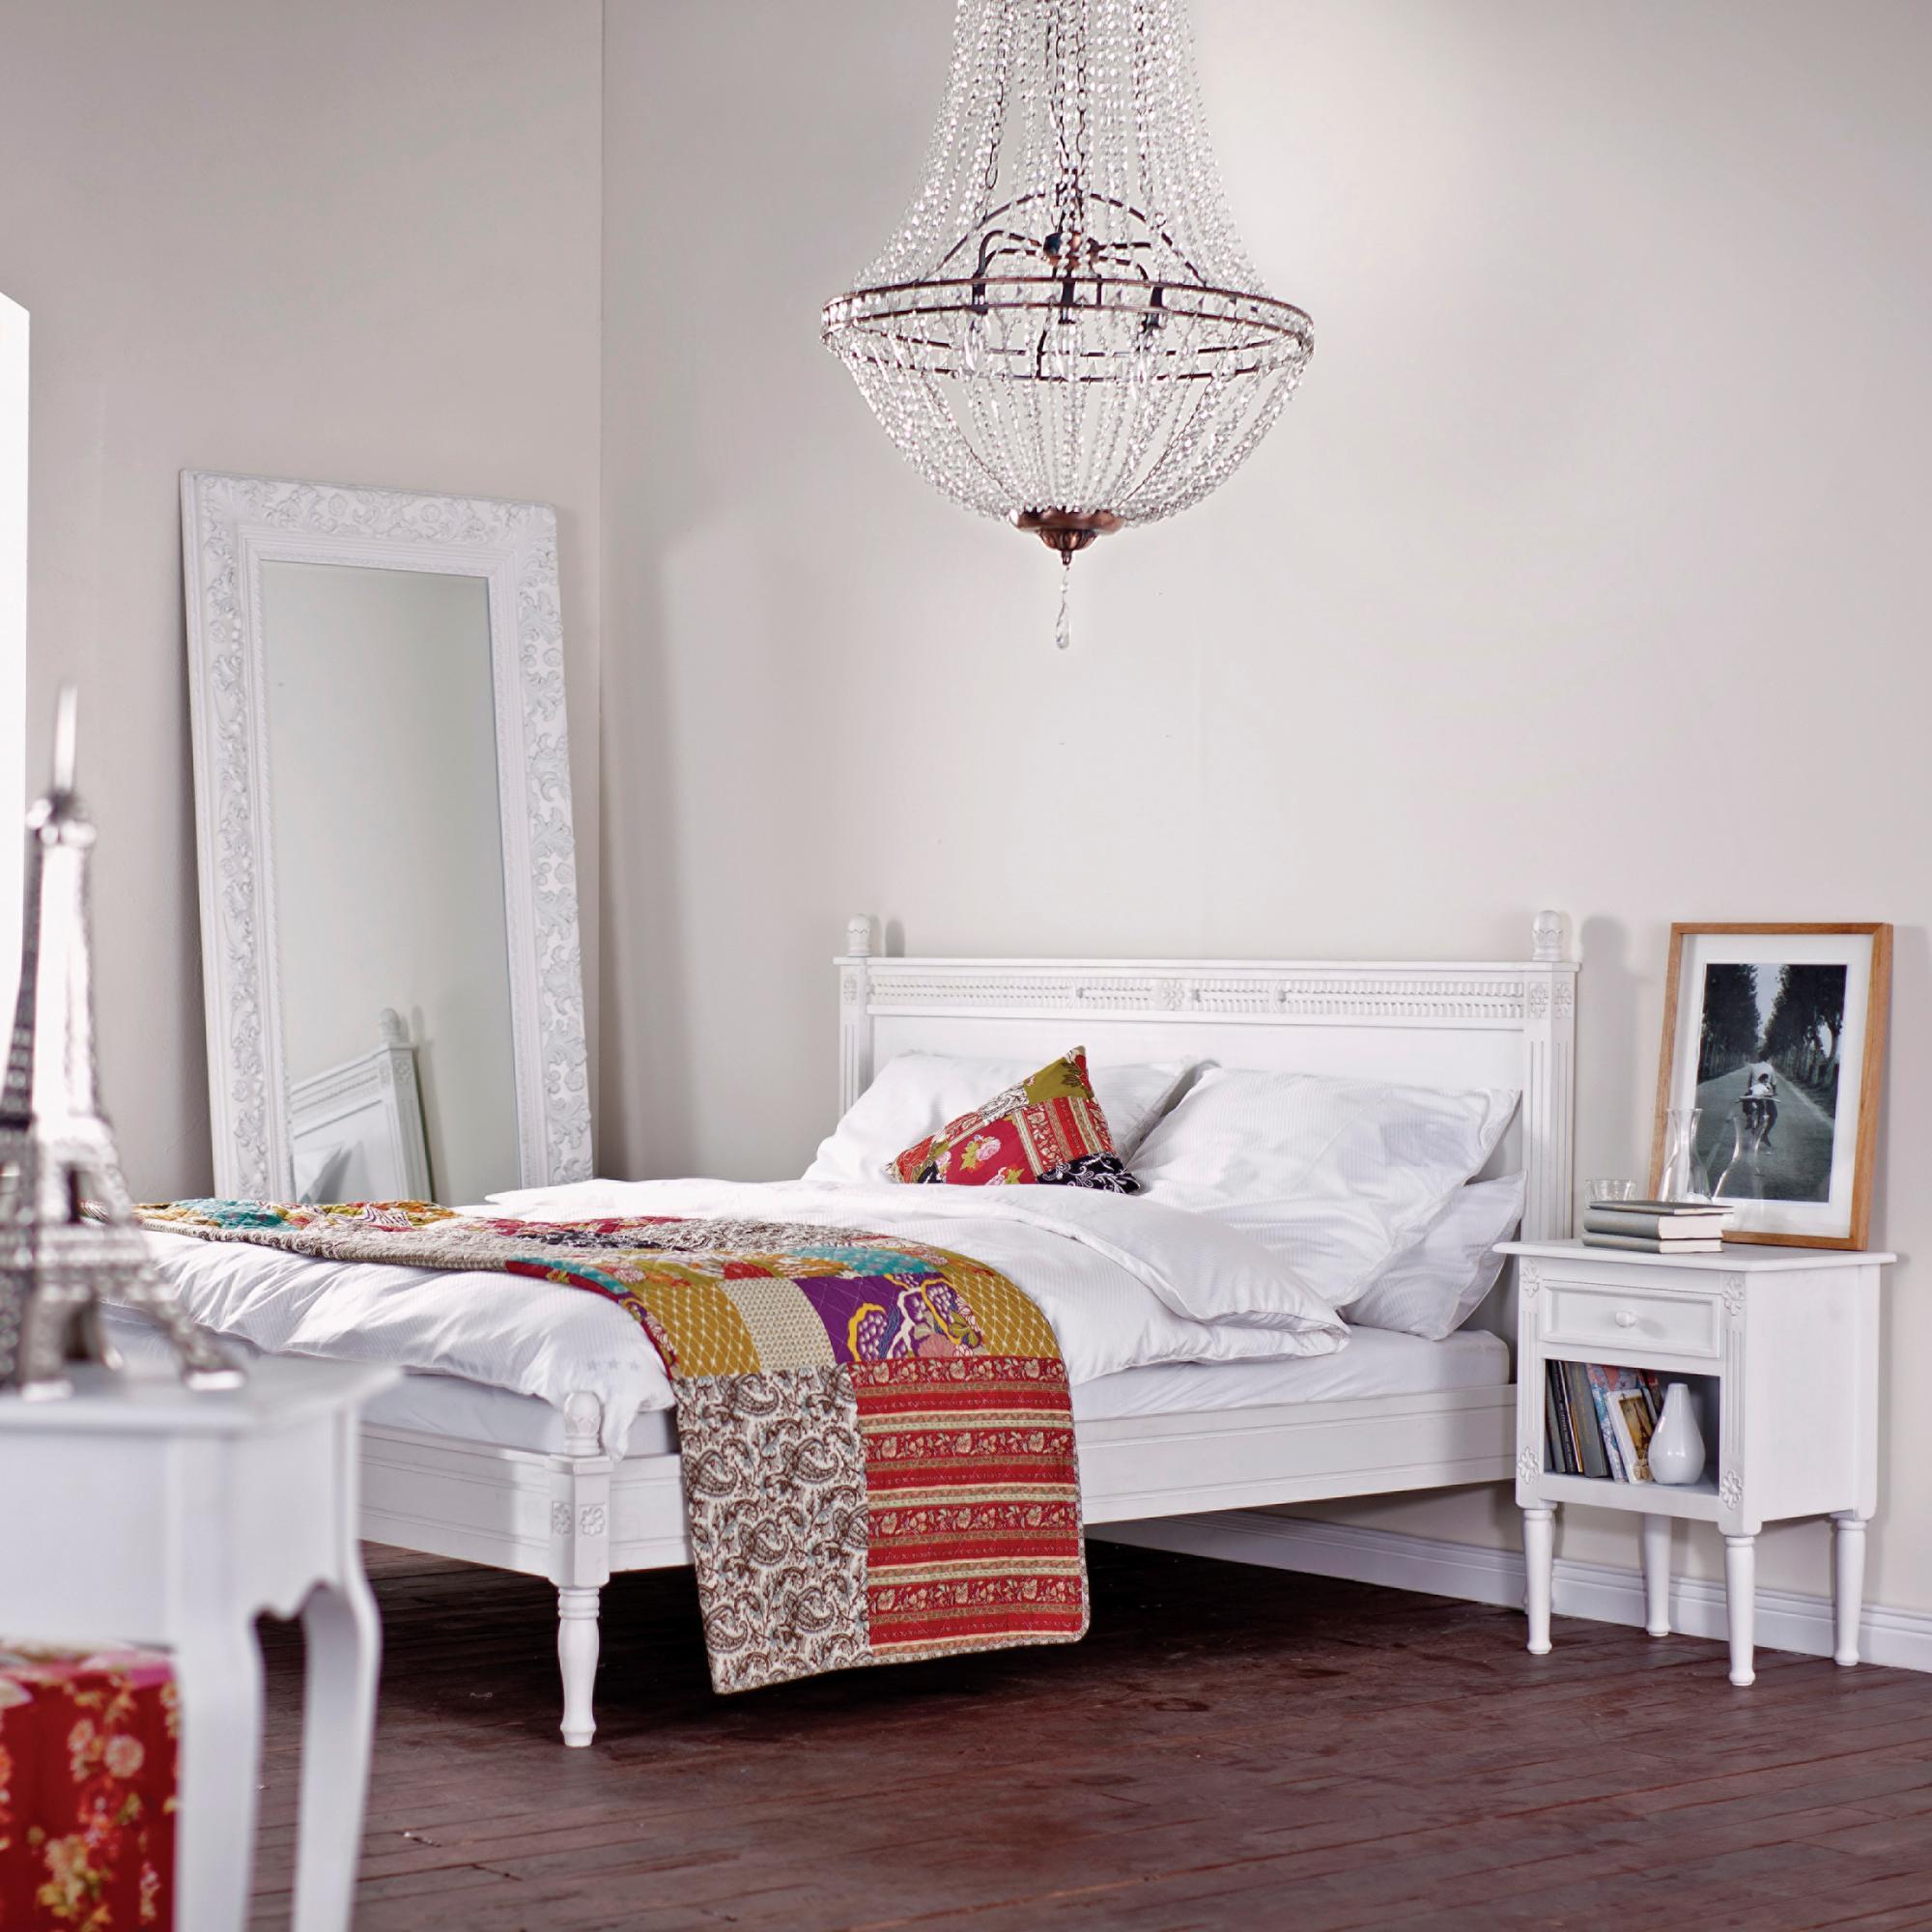 Full Size of Kronleuchter Schlafzimmer Im Bett Spiegel Bilderr Wandtattoo Led Deckenleuchte Landhausstil Kommode Regal Eckschrank Mit überbau Weißes Luxus Komplett Schlafzimmer Kronleuchter Schlafzimmer